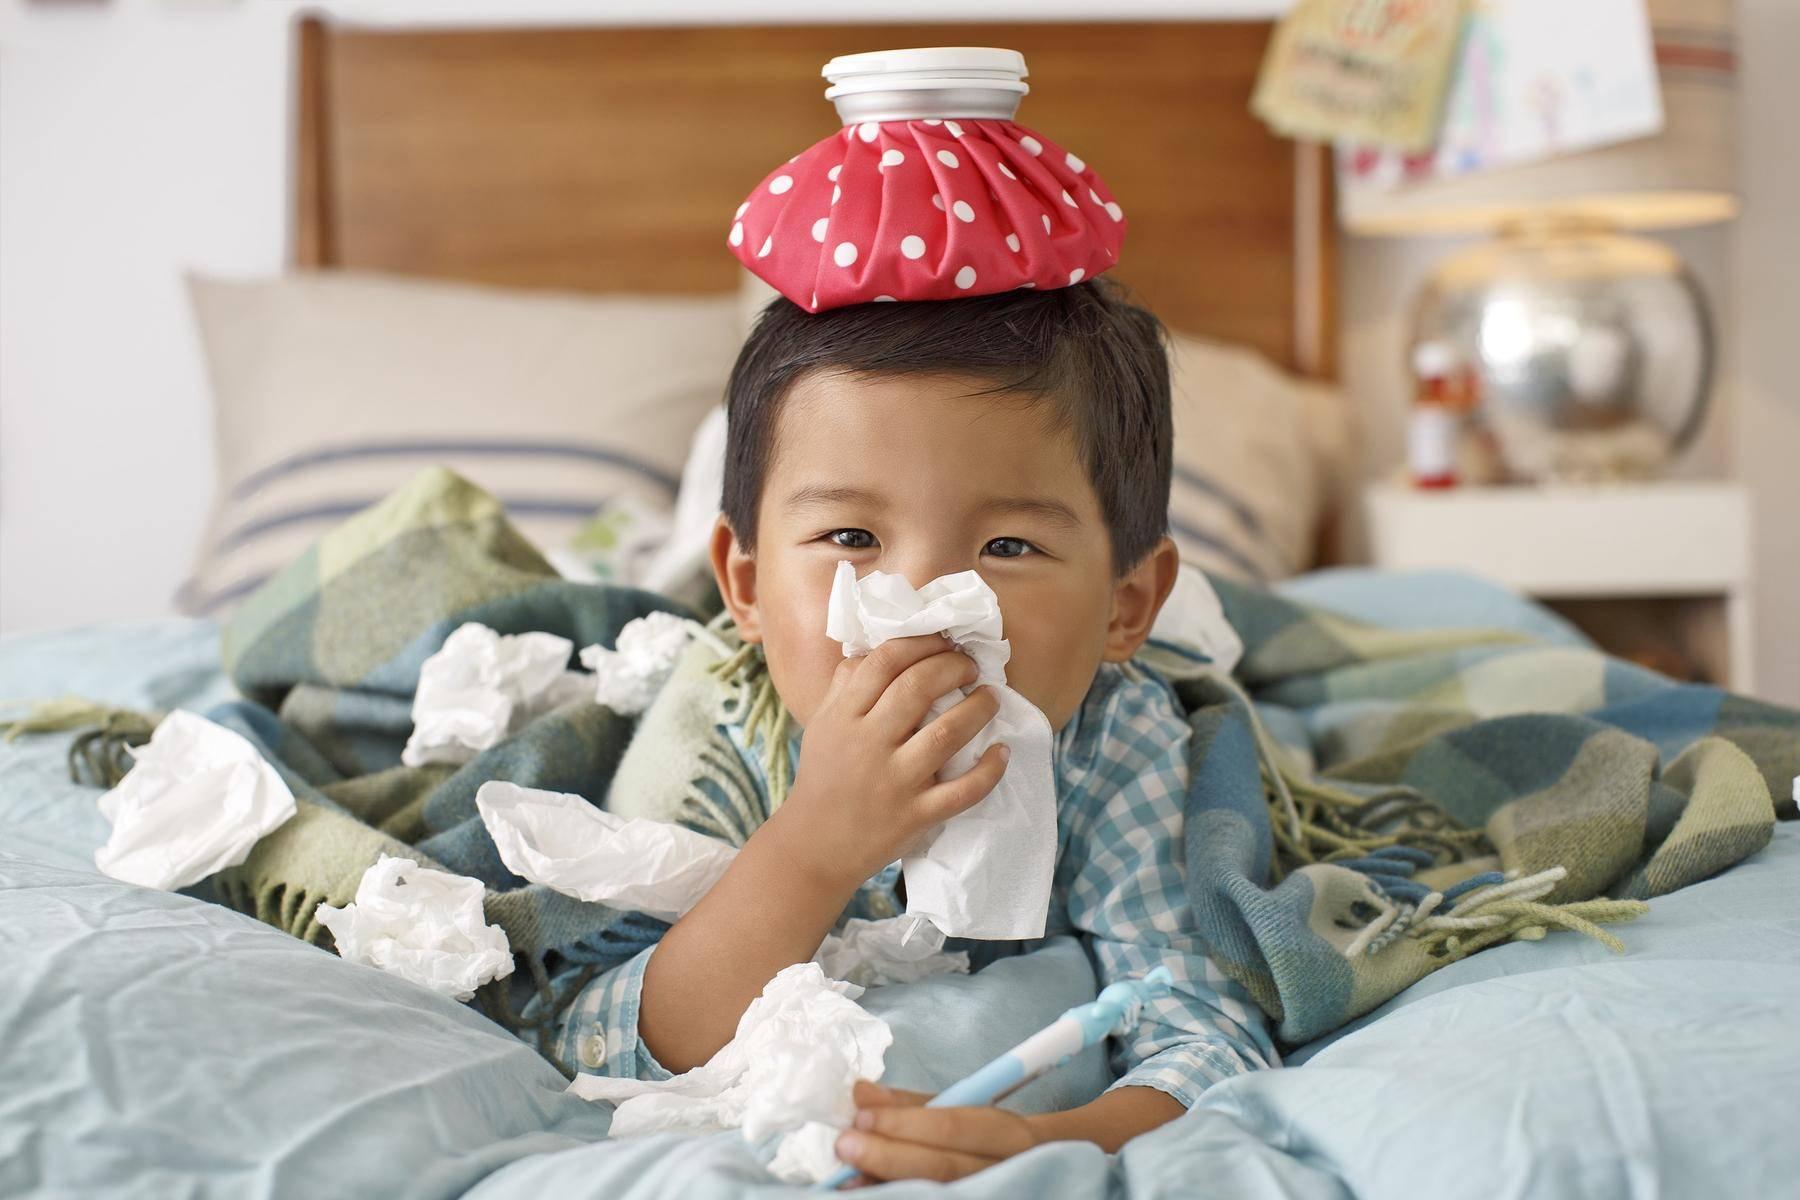 Почему дети в детском саду часто болеют простудными заболеваниями и что с этим делать?